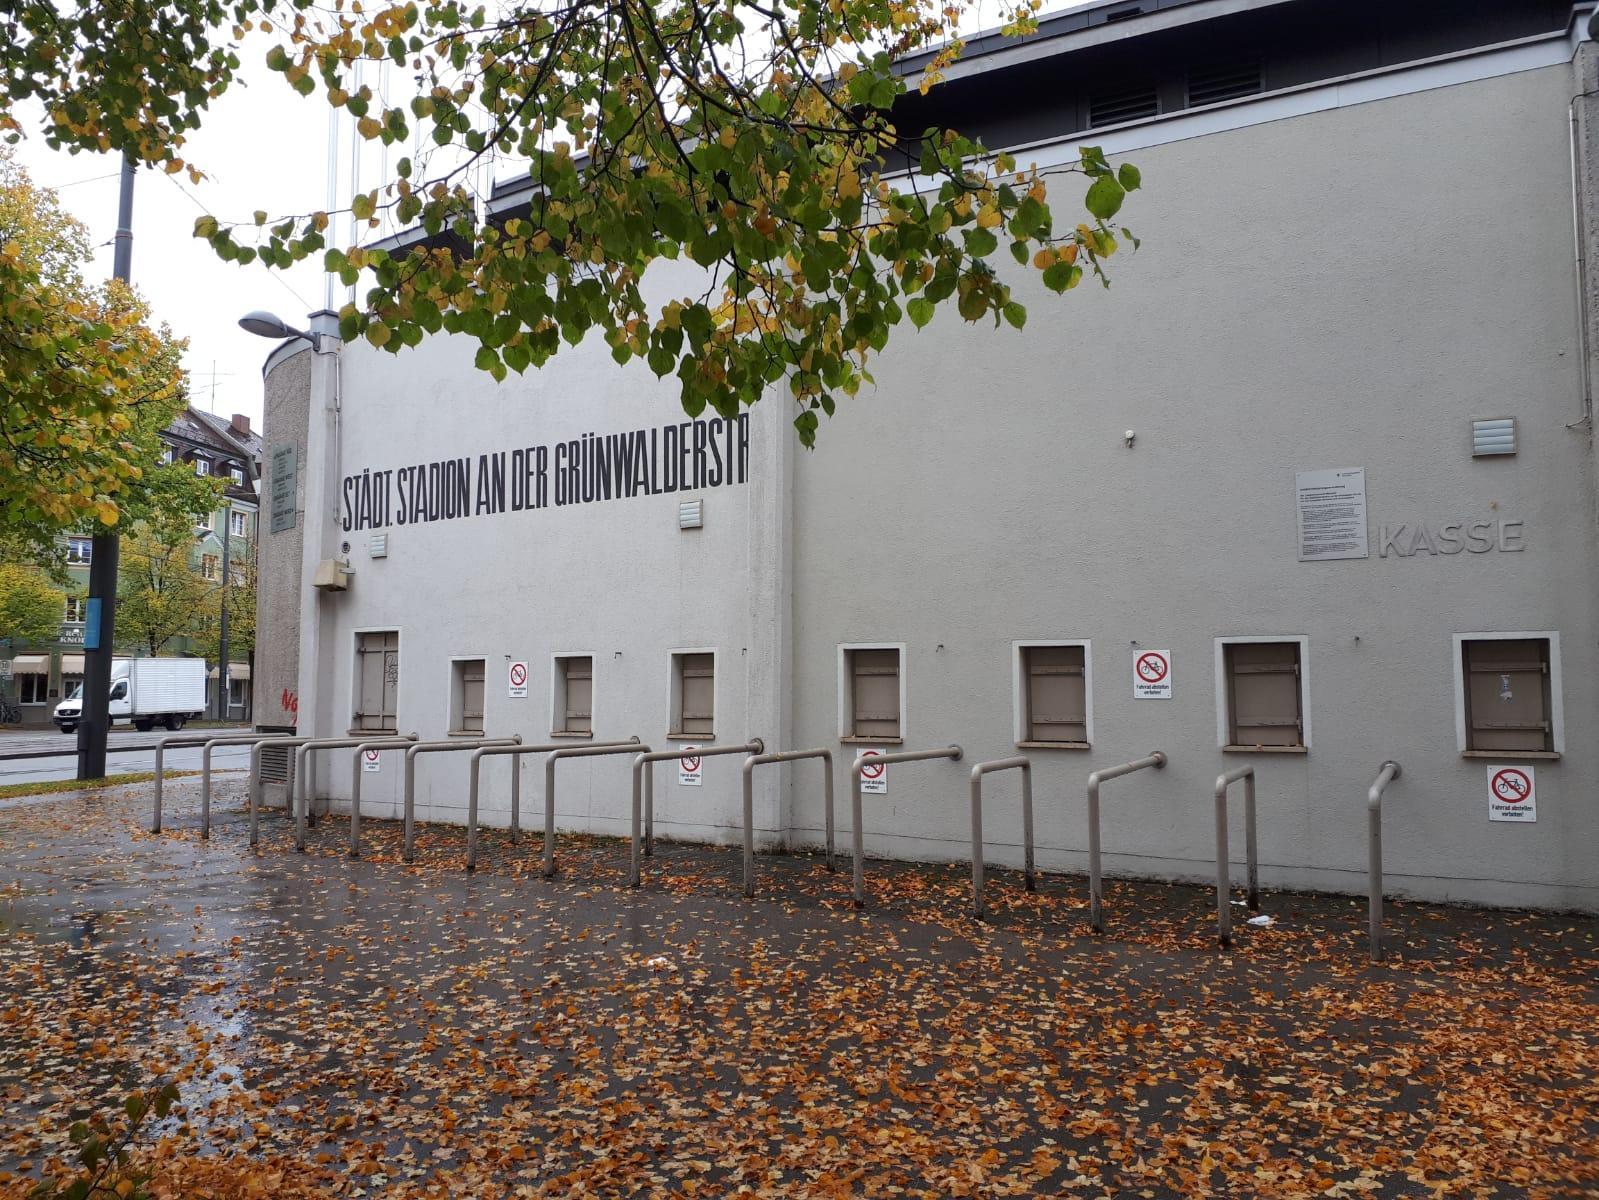 Nochmal schnell ein Foto vom Grünwalder Stadion, Heimat des TSV 1860